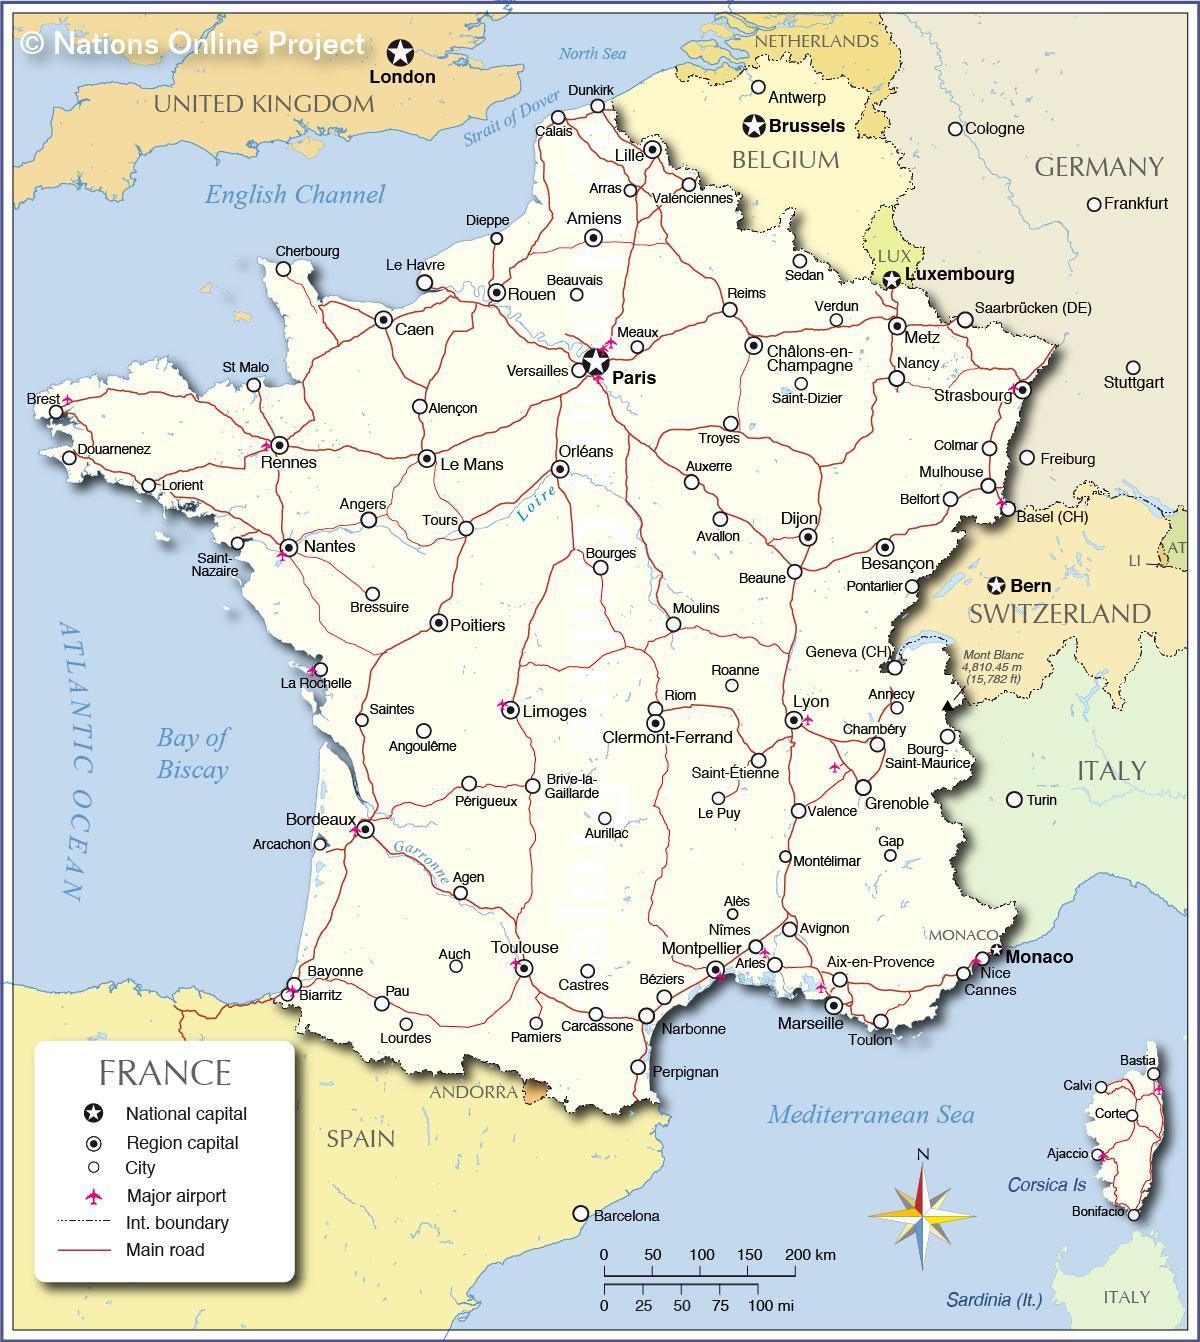 Karta Lander I Europa.Karta Over Frankrike Och Omgivande Lander Karta Over Frankrike Och